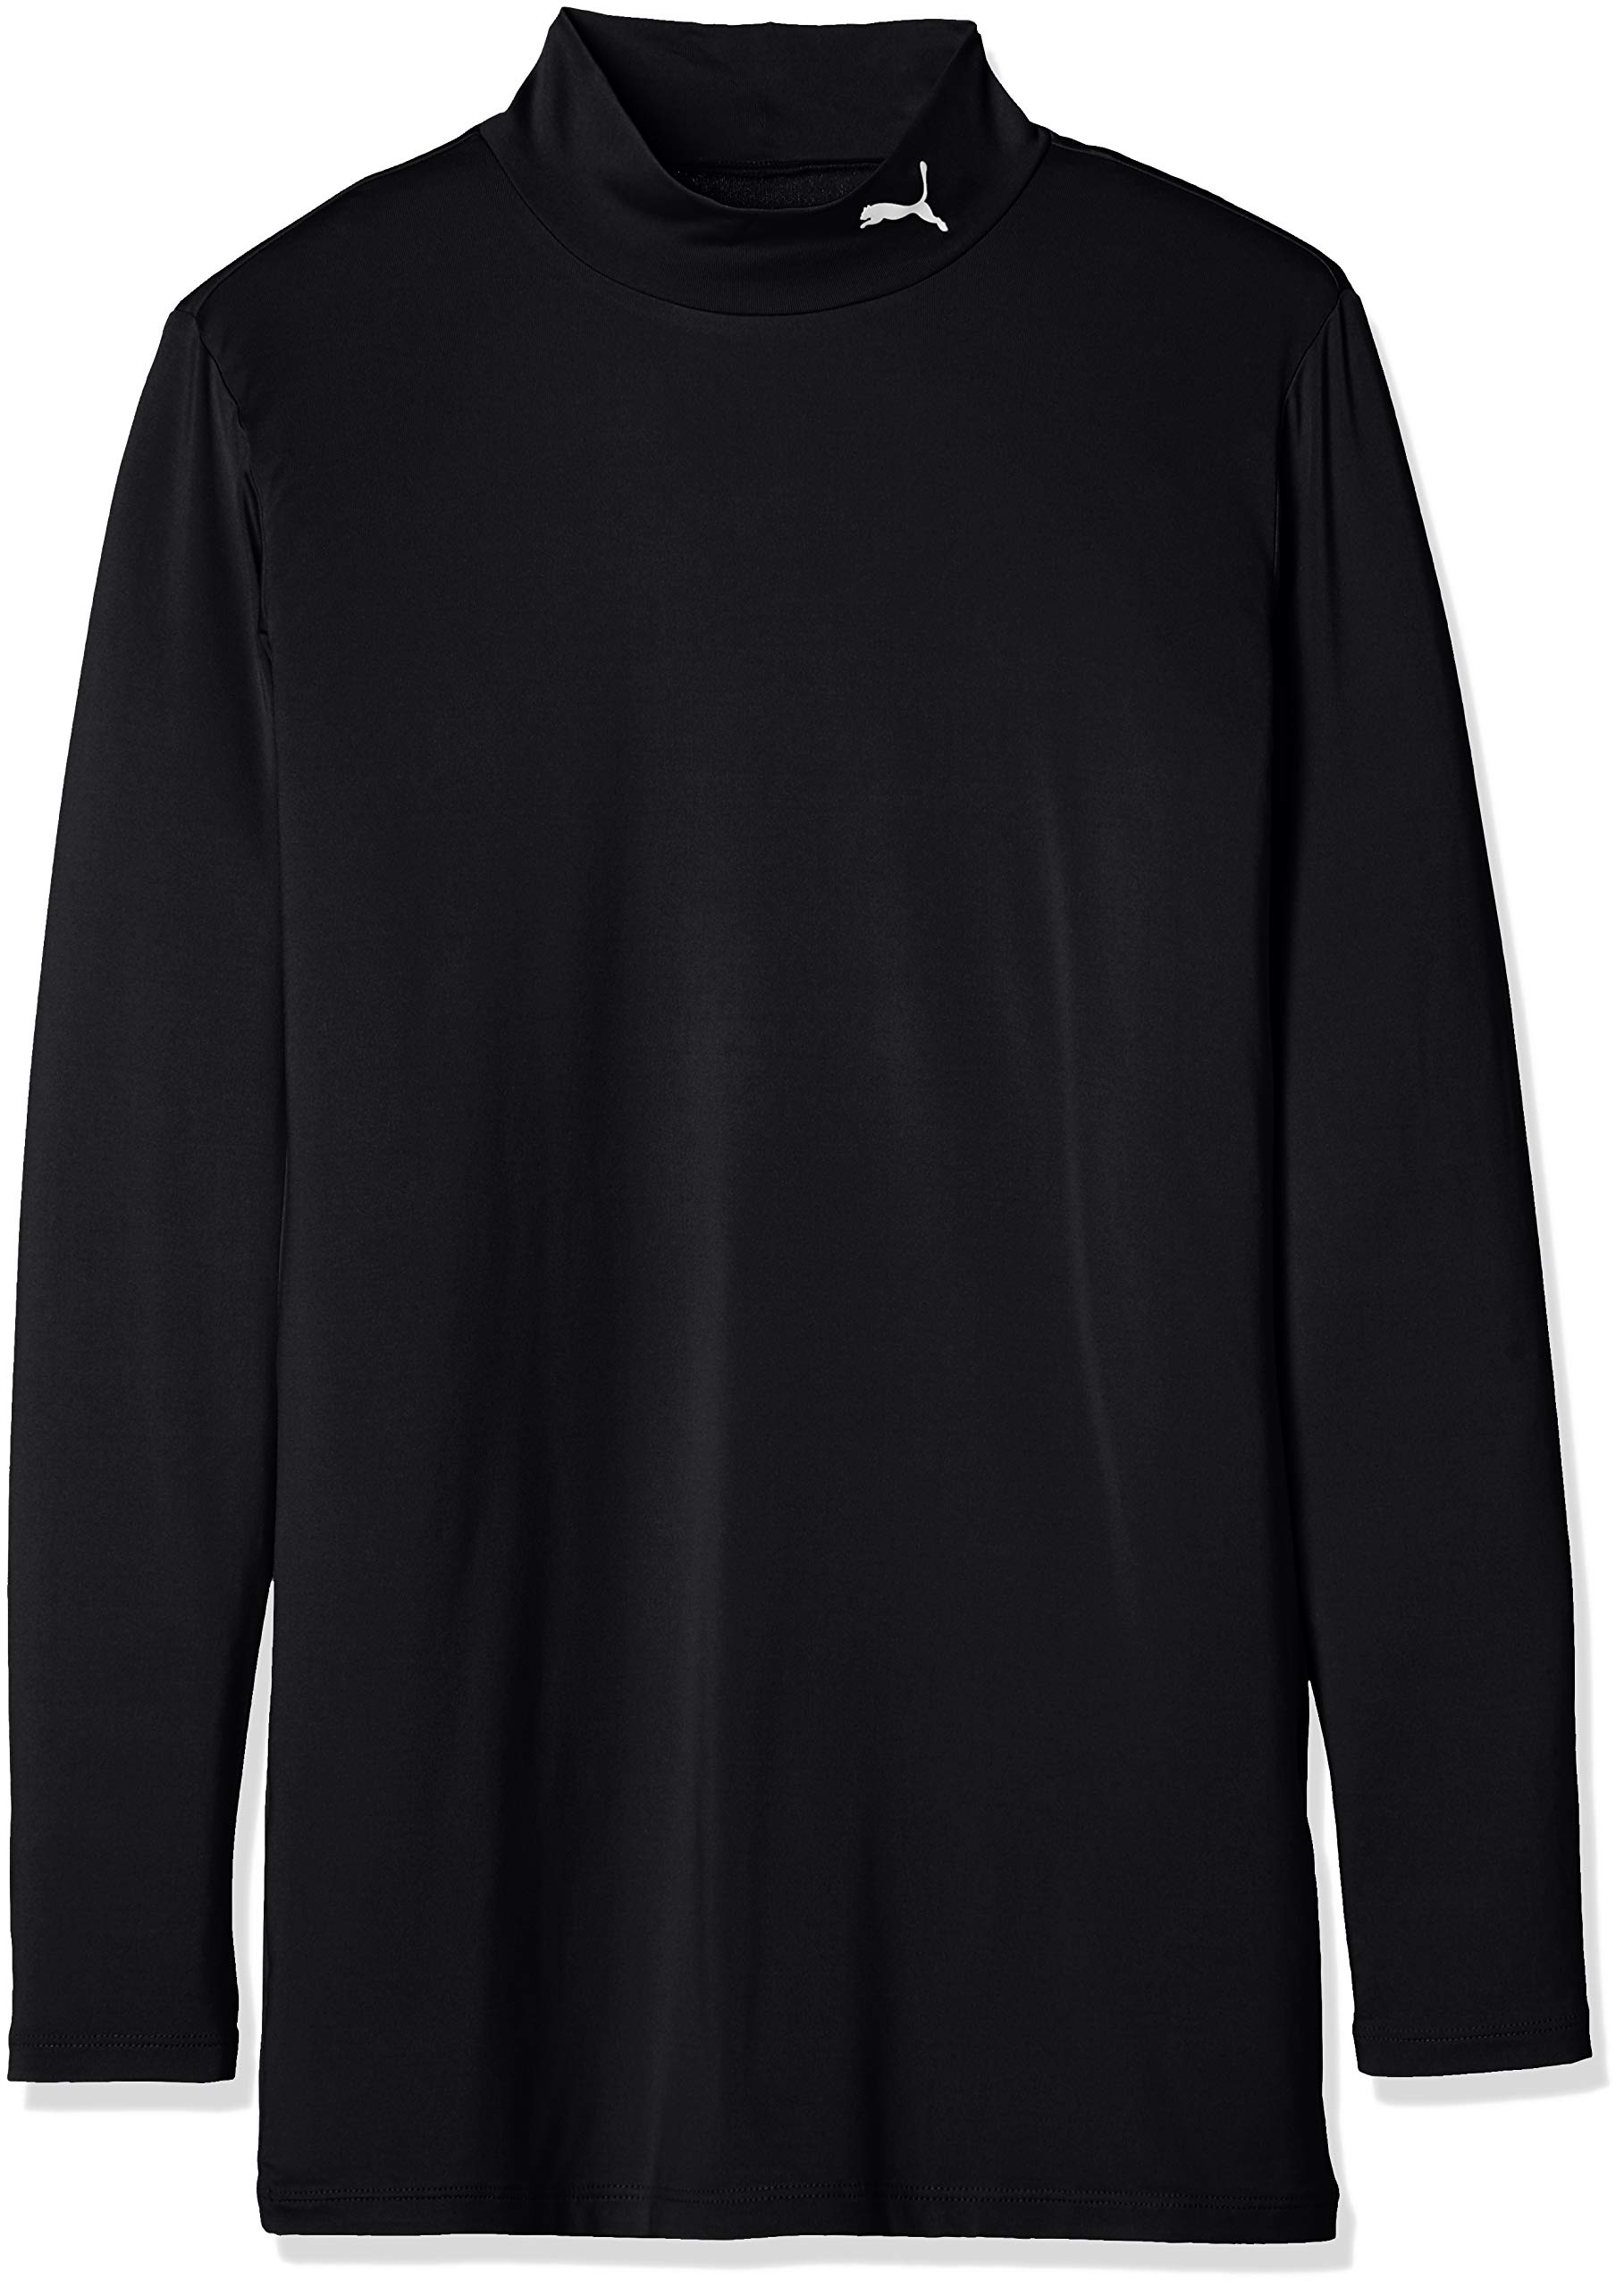 PUMA プーマ サッカー ジュニア長袖インナーシャツ コンプレッション ジュニア モックネック LS 65633203 ボーイズ プーマ ブラック/プーマ ホワイト